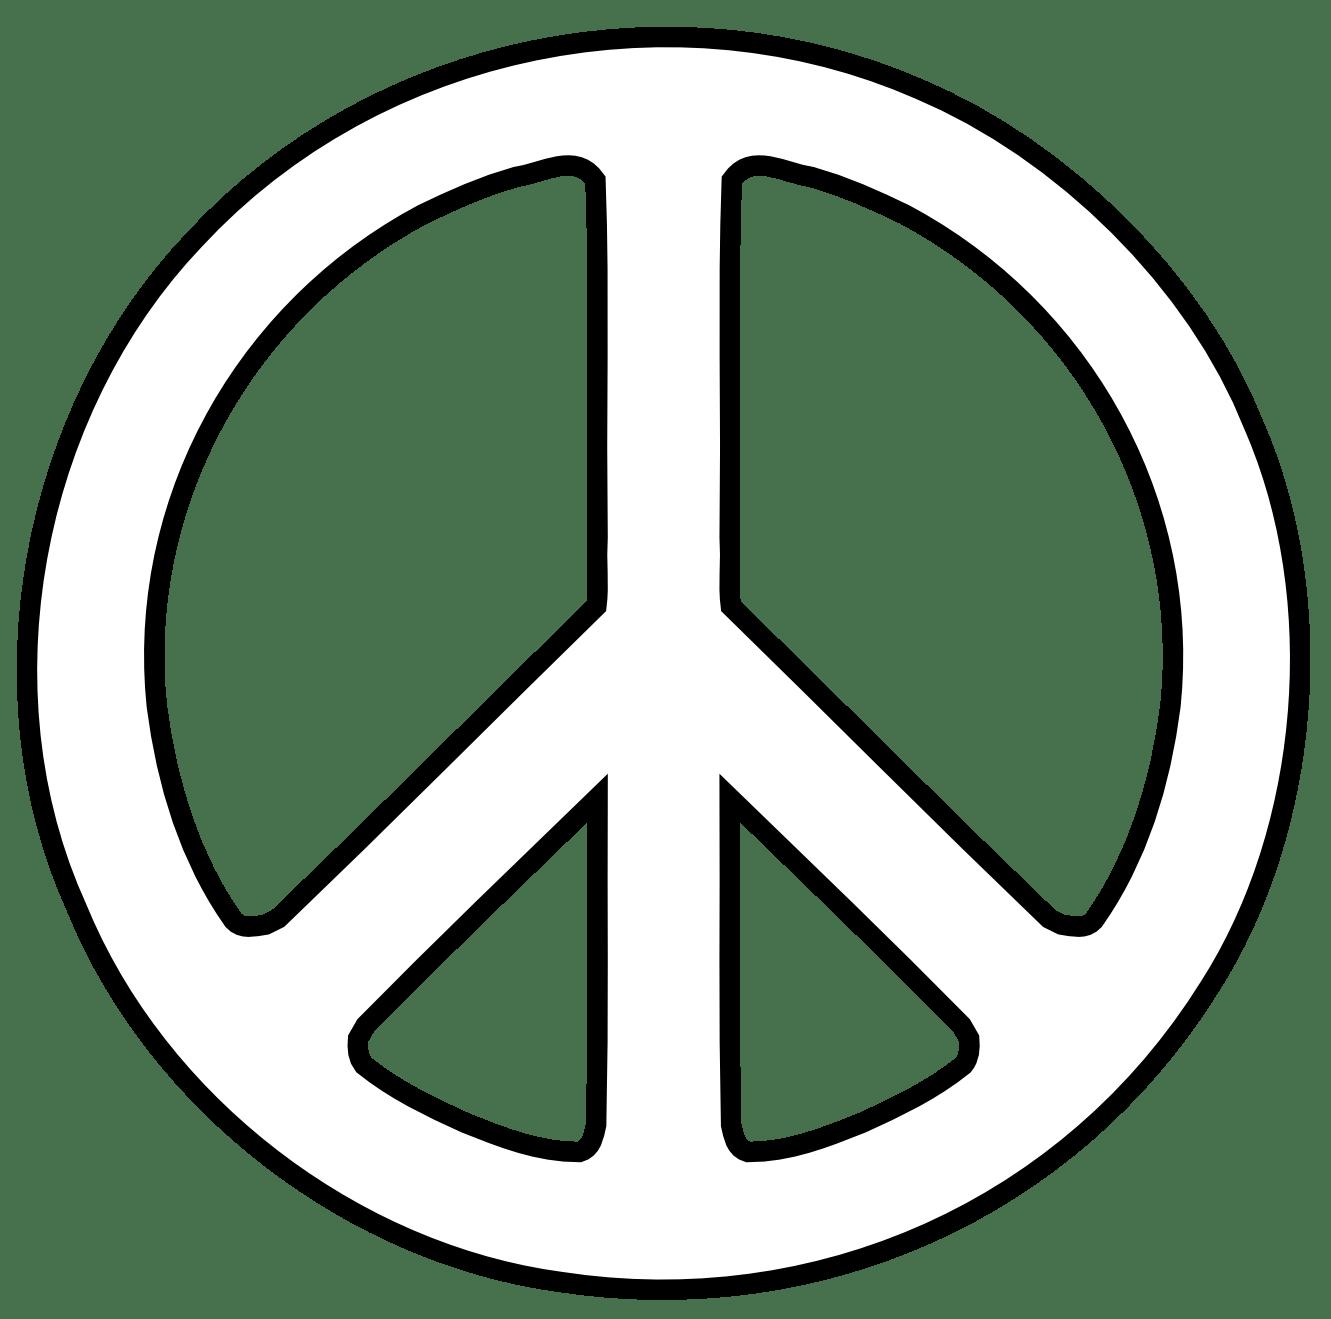 Peace Clip Art Free Clipart Panda